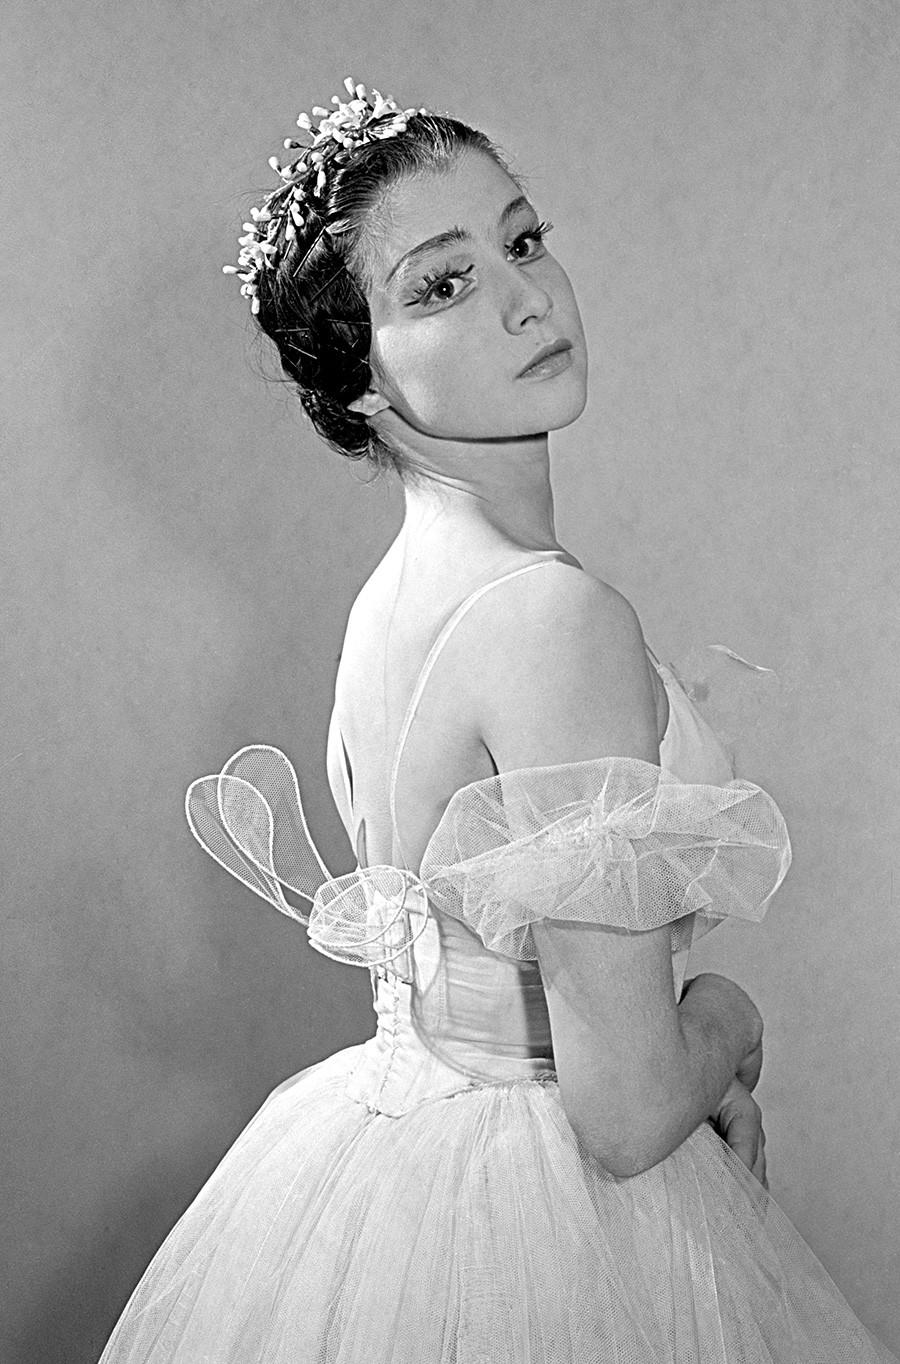 Maxímova en 1961.